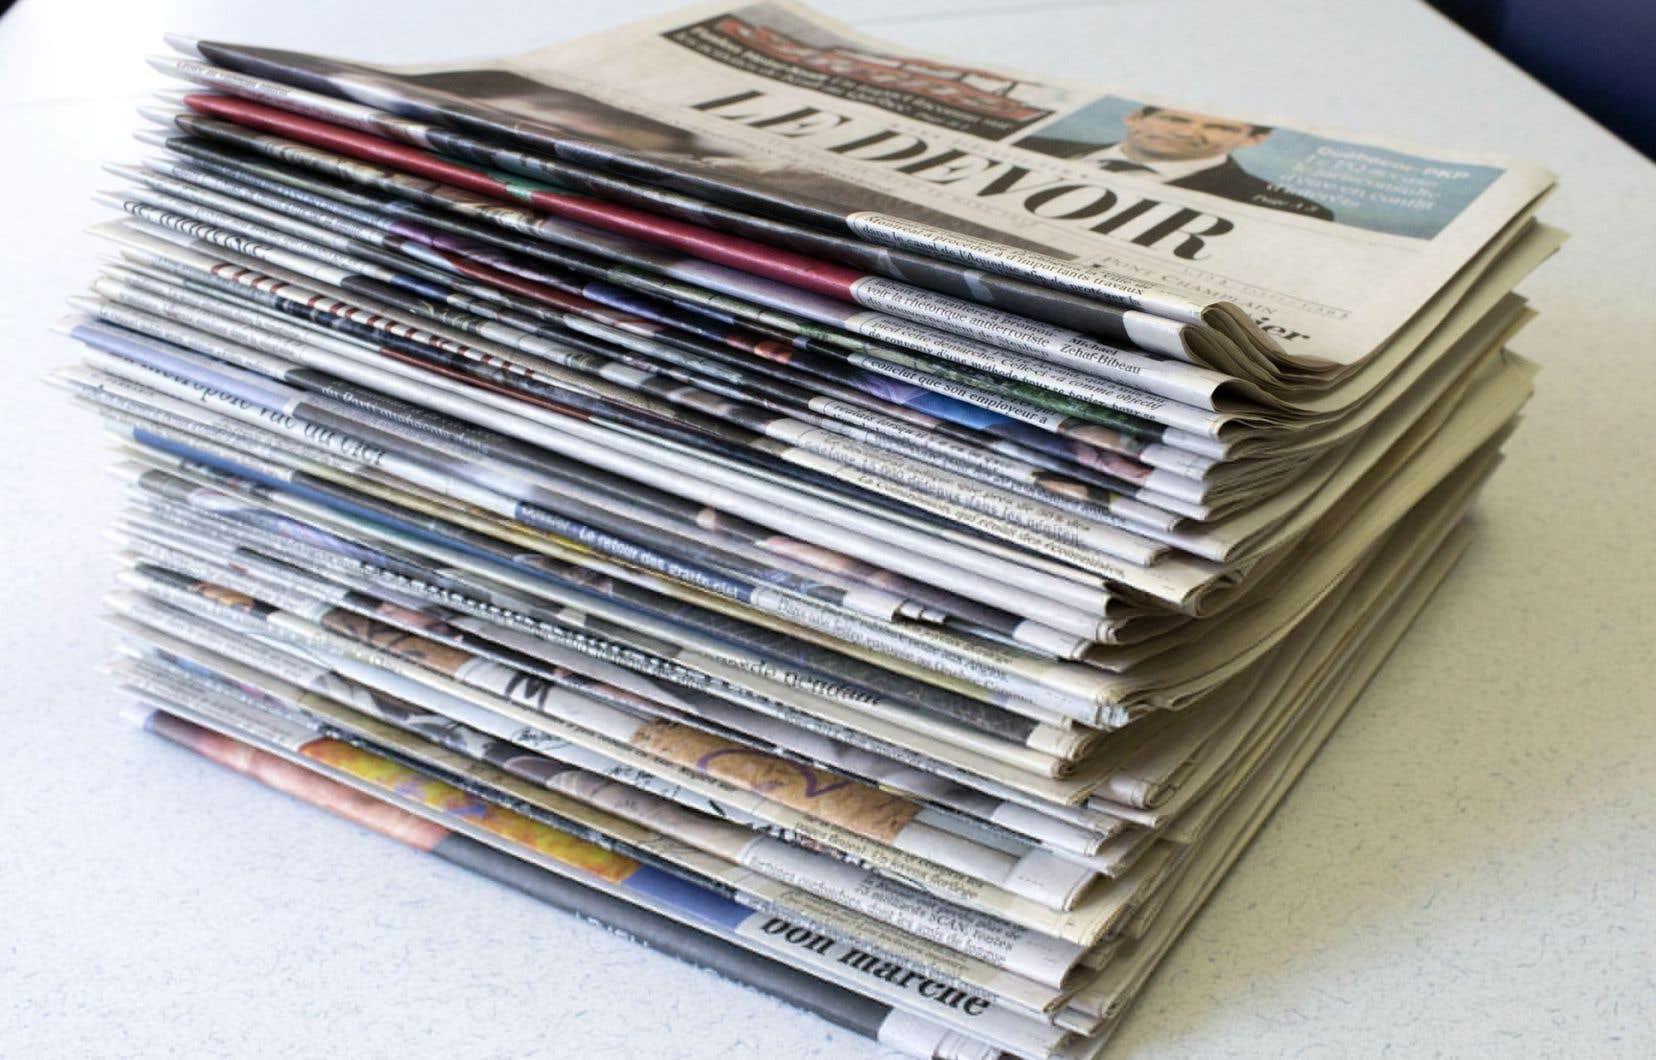 83% des Canadiens font confiance en totalité ou en partie aux journaux comme source d'information.